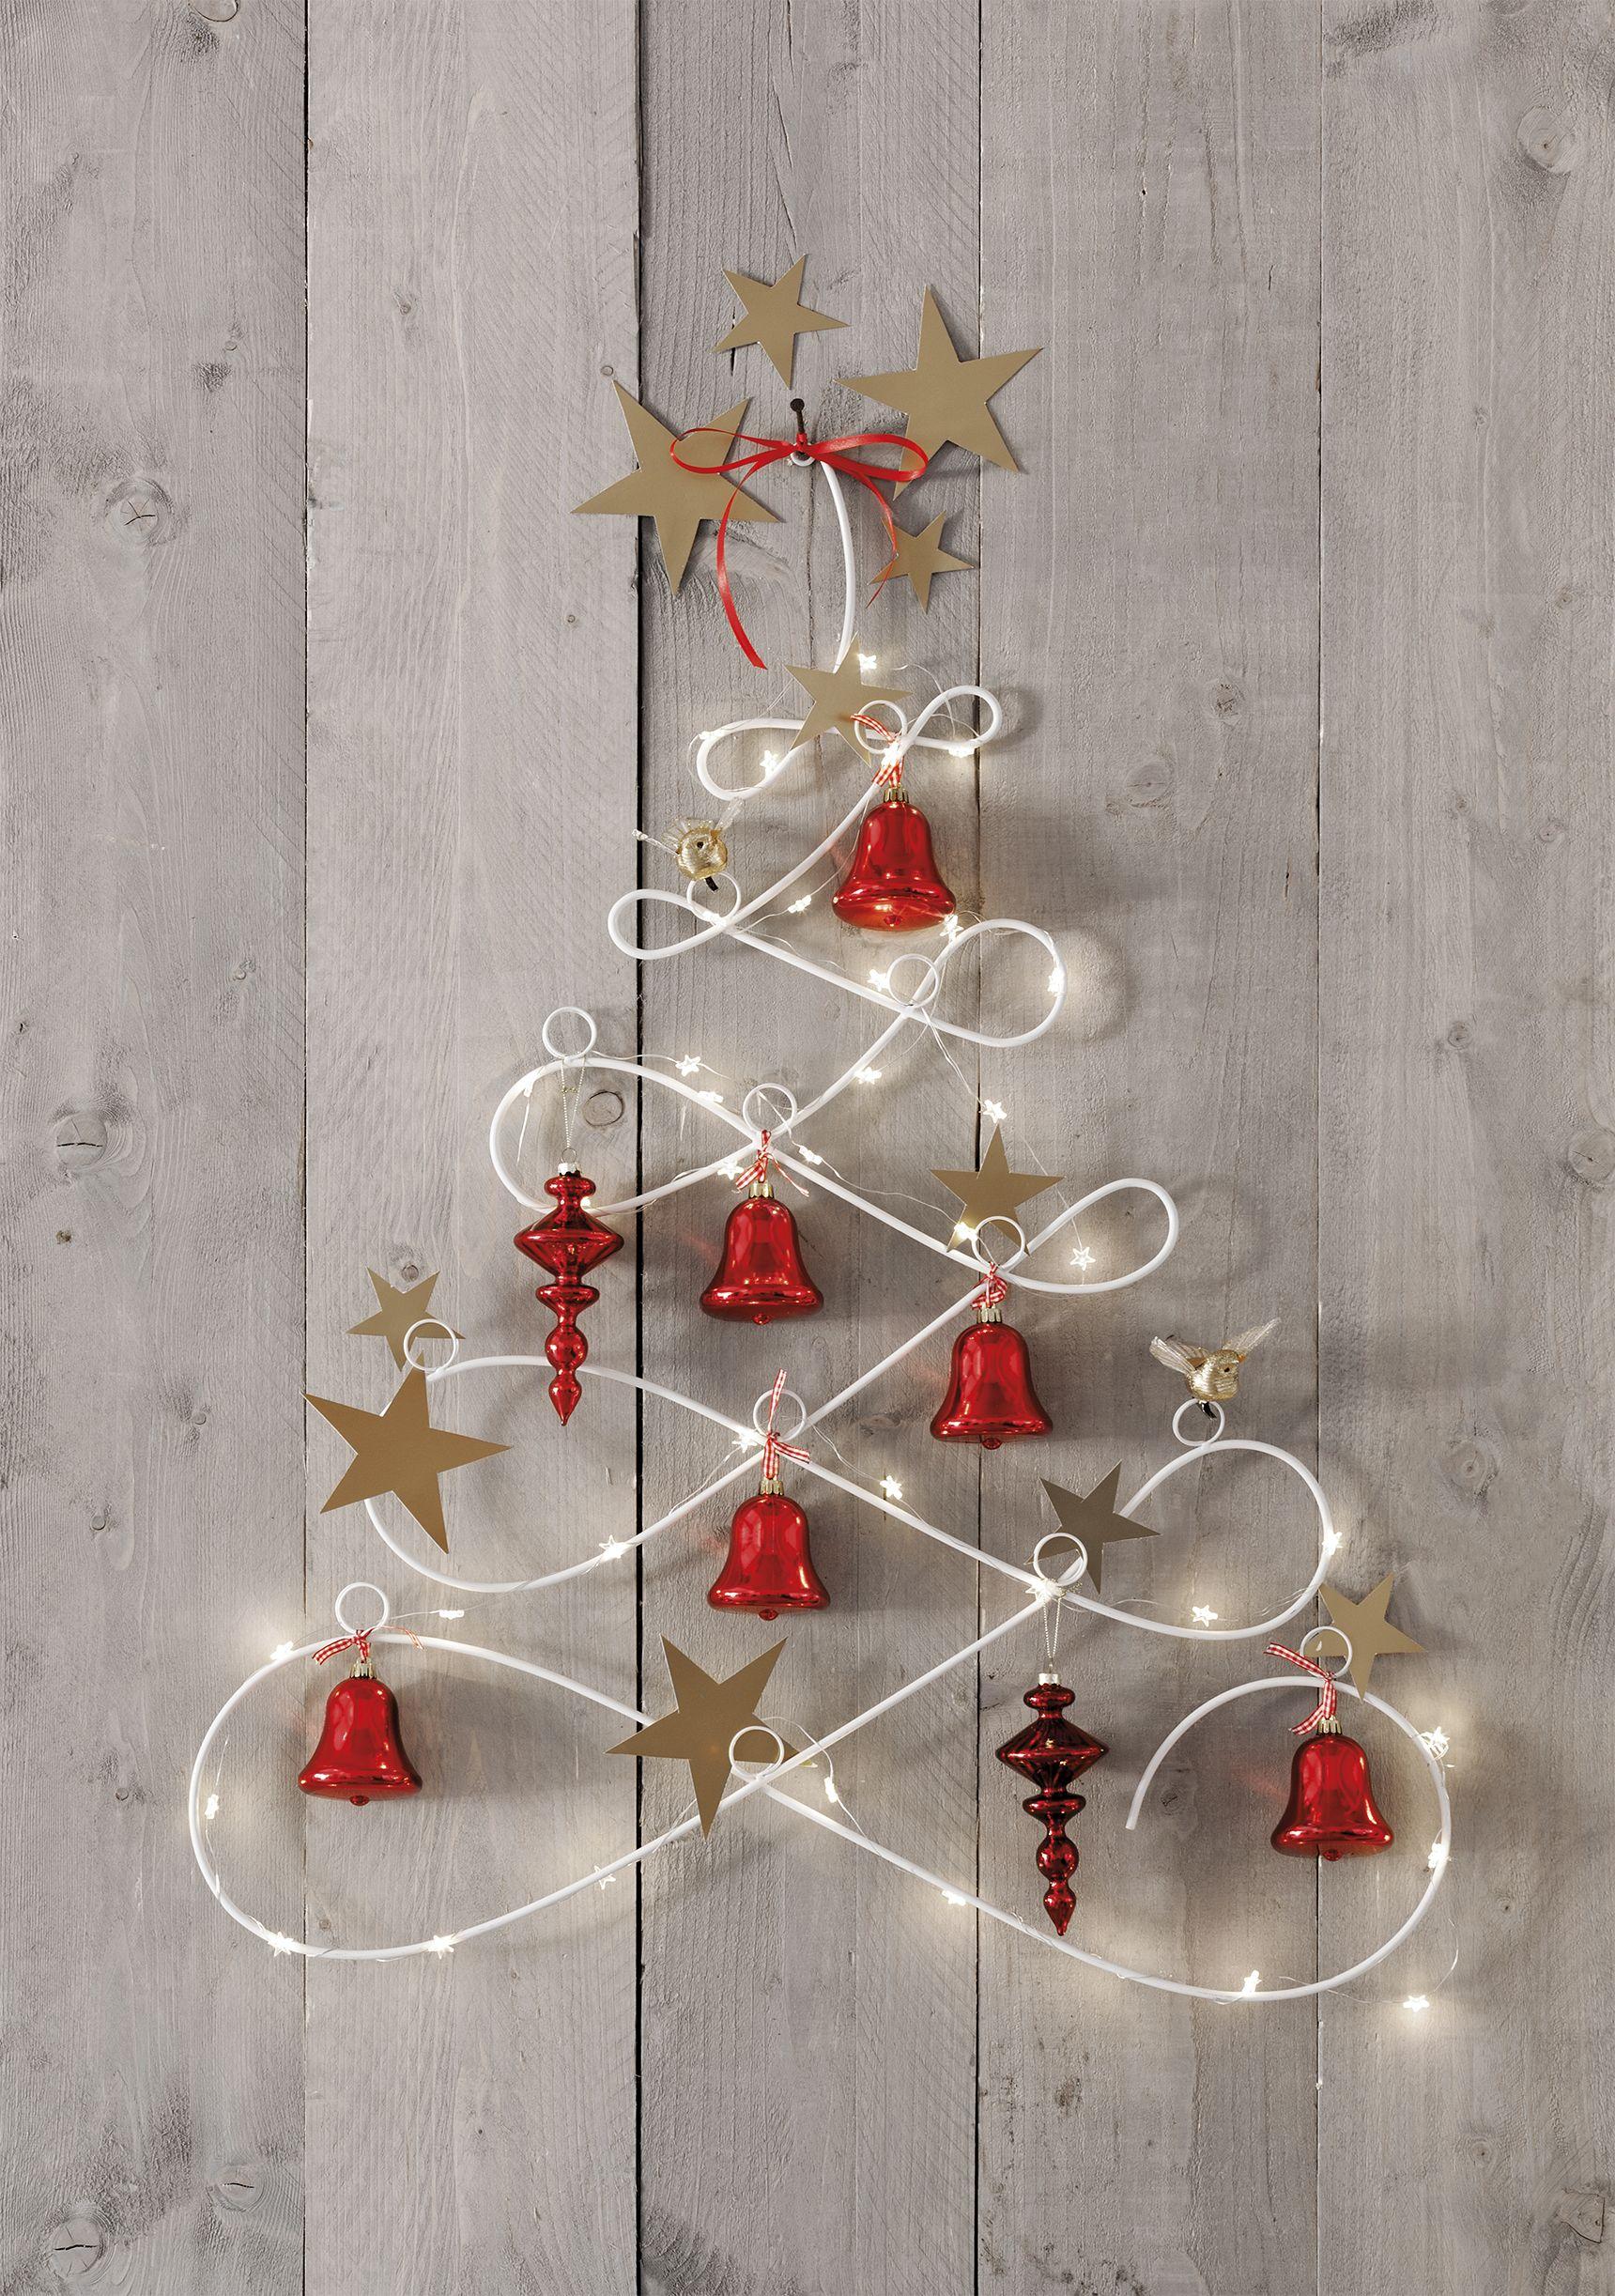 maak je kerstboom van verlichting aan de muur kerst kerstboom kerstverlichting intratuin